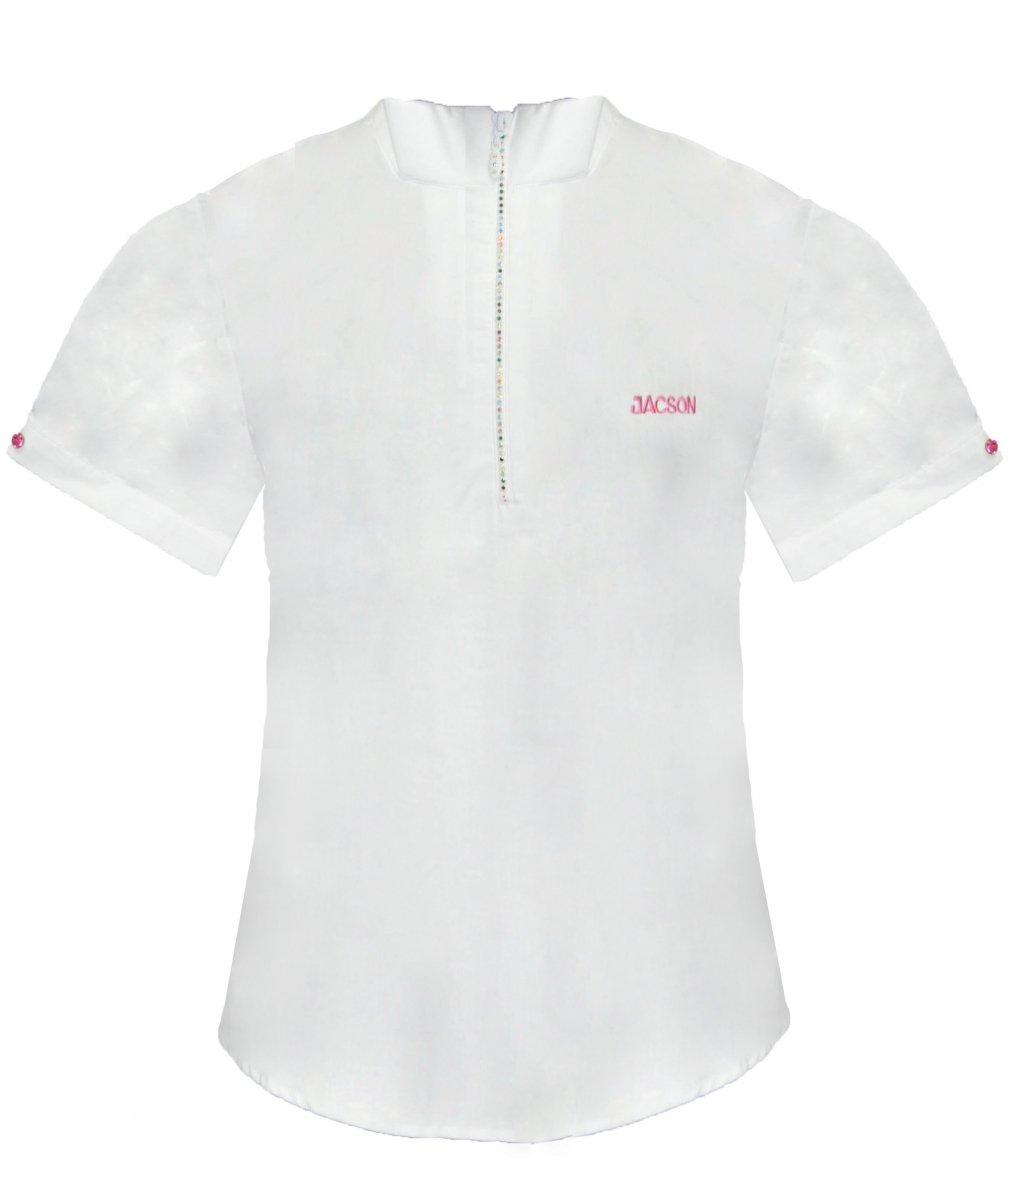 Koszula konkursowa z krótkim rękawem damska - Jacson - biały/różowy